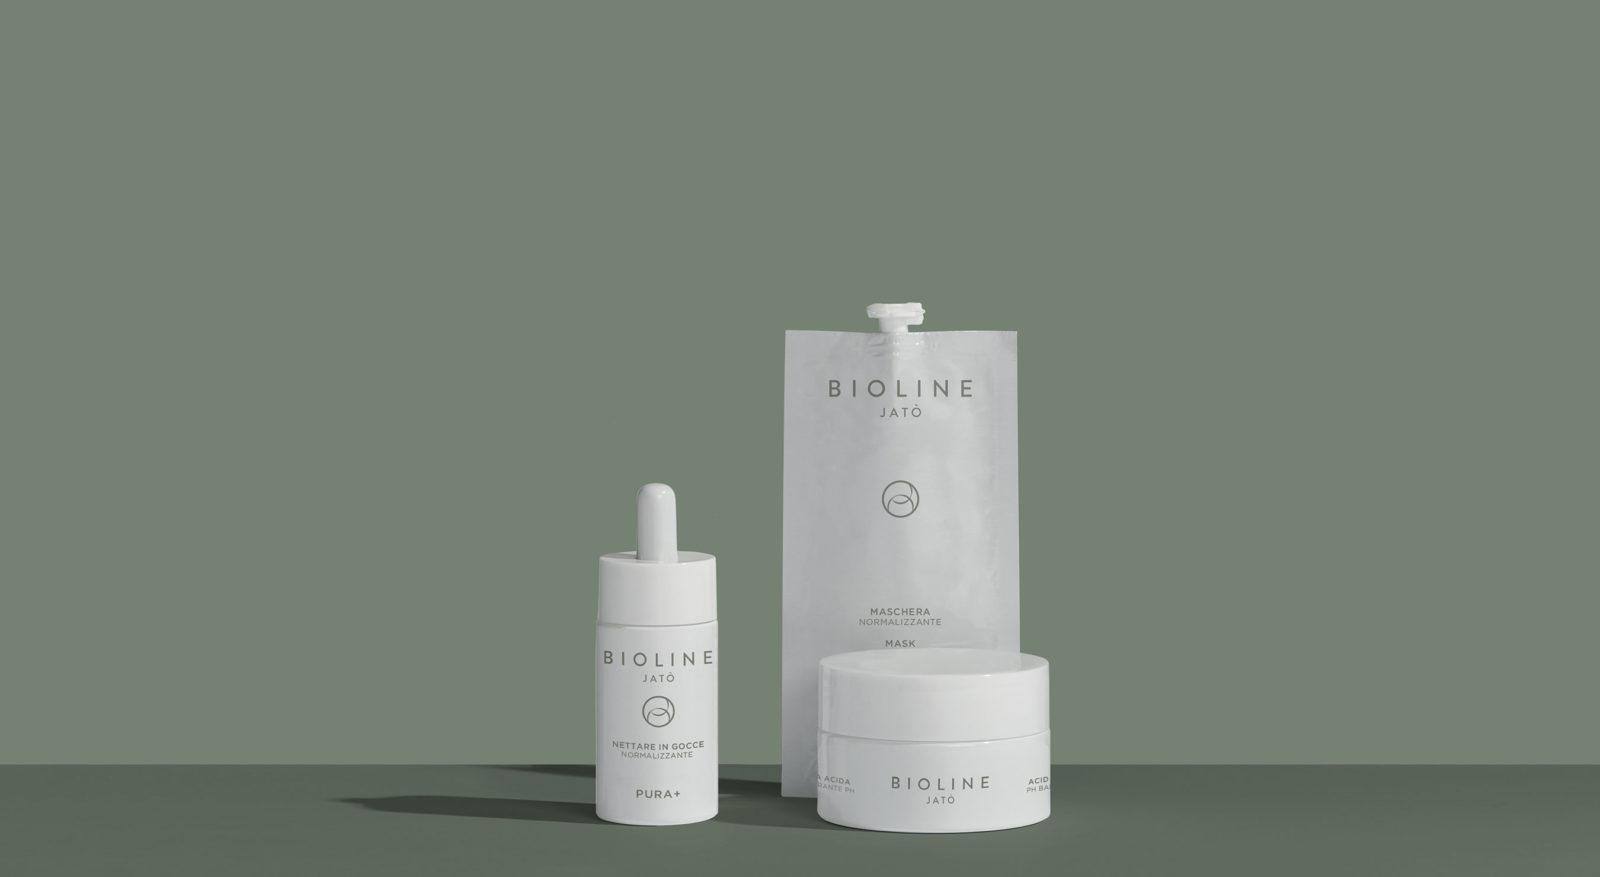 Linea Pura+ - Bioline Jatò